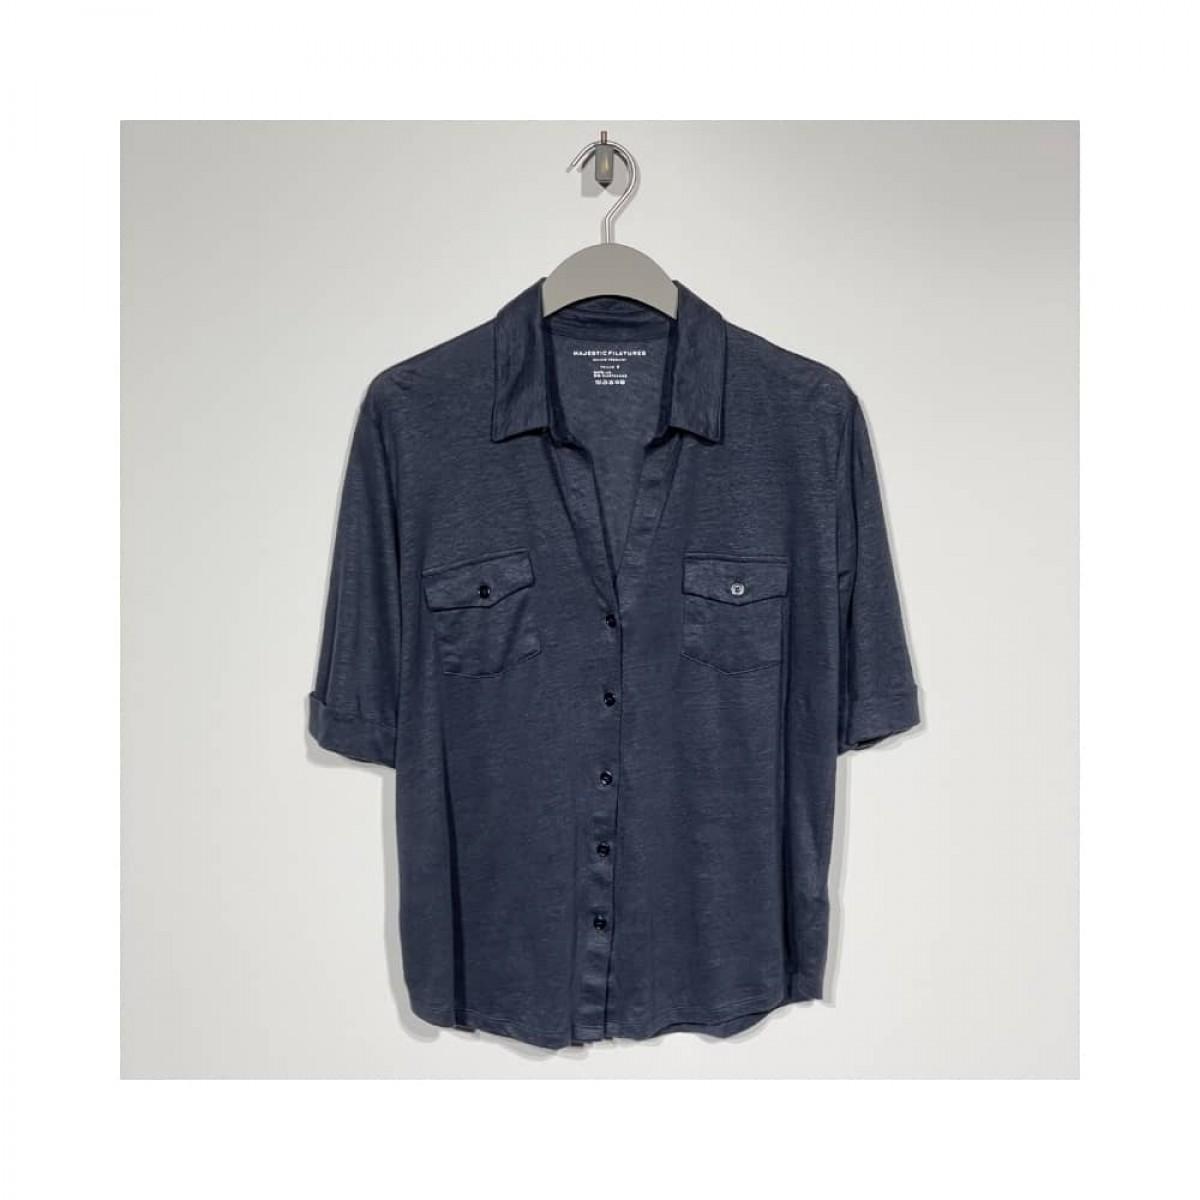 kort ærmet hør skjorte - marine